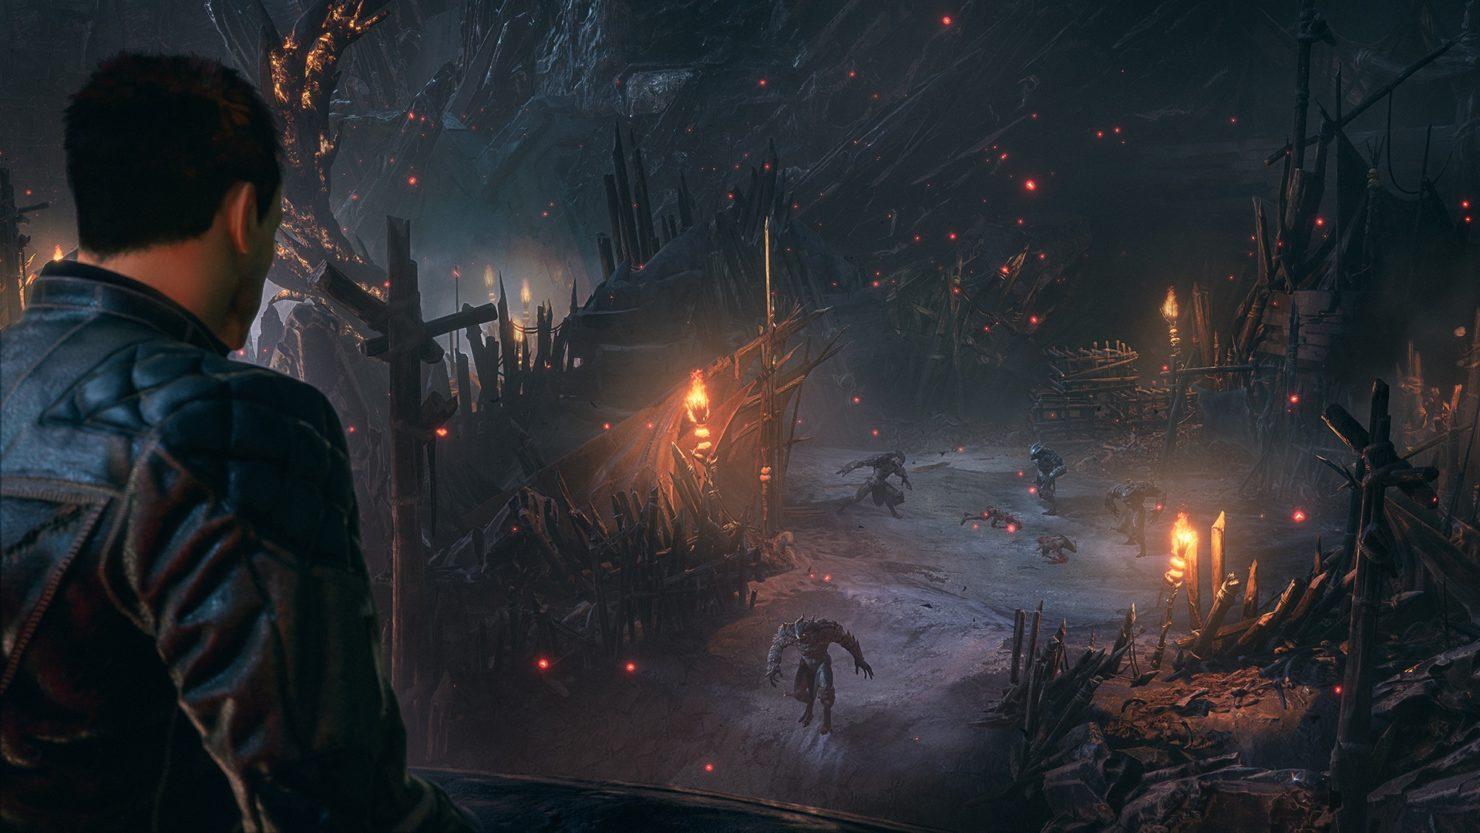 Devil's Hunt démons courant en contrebas